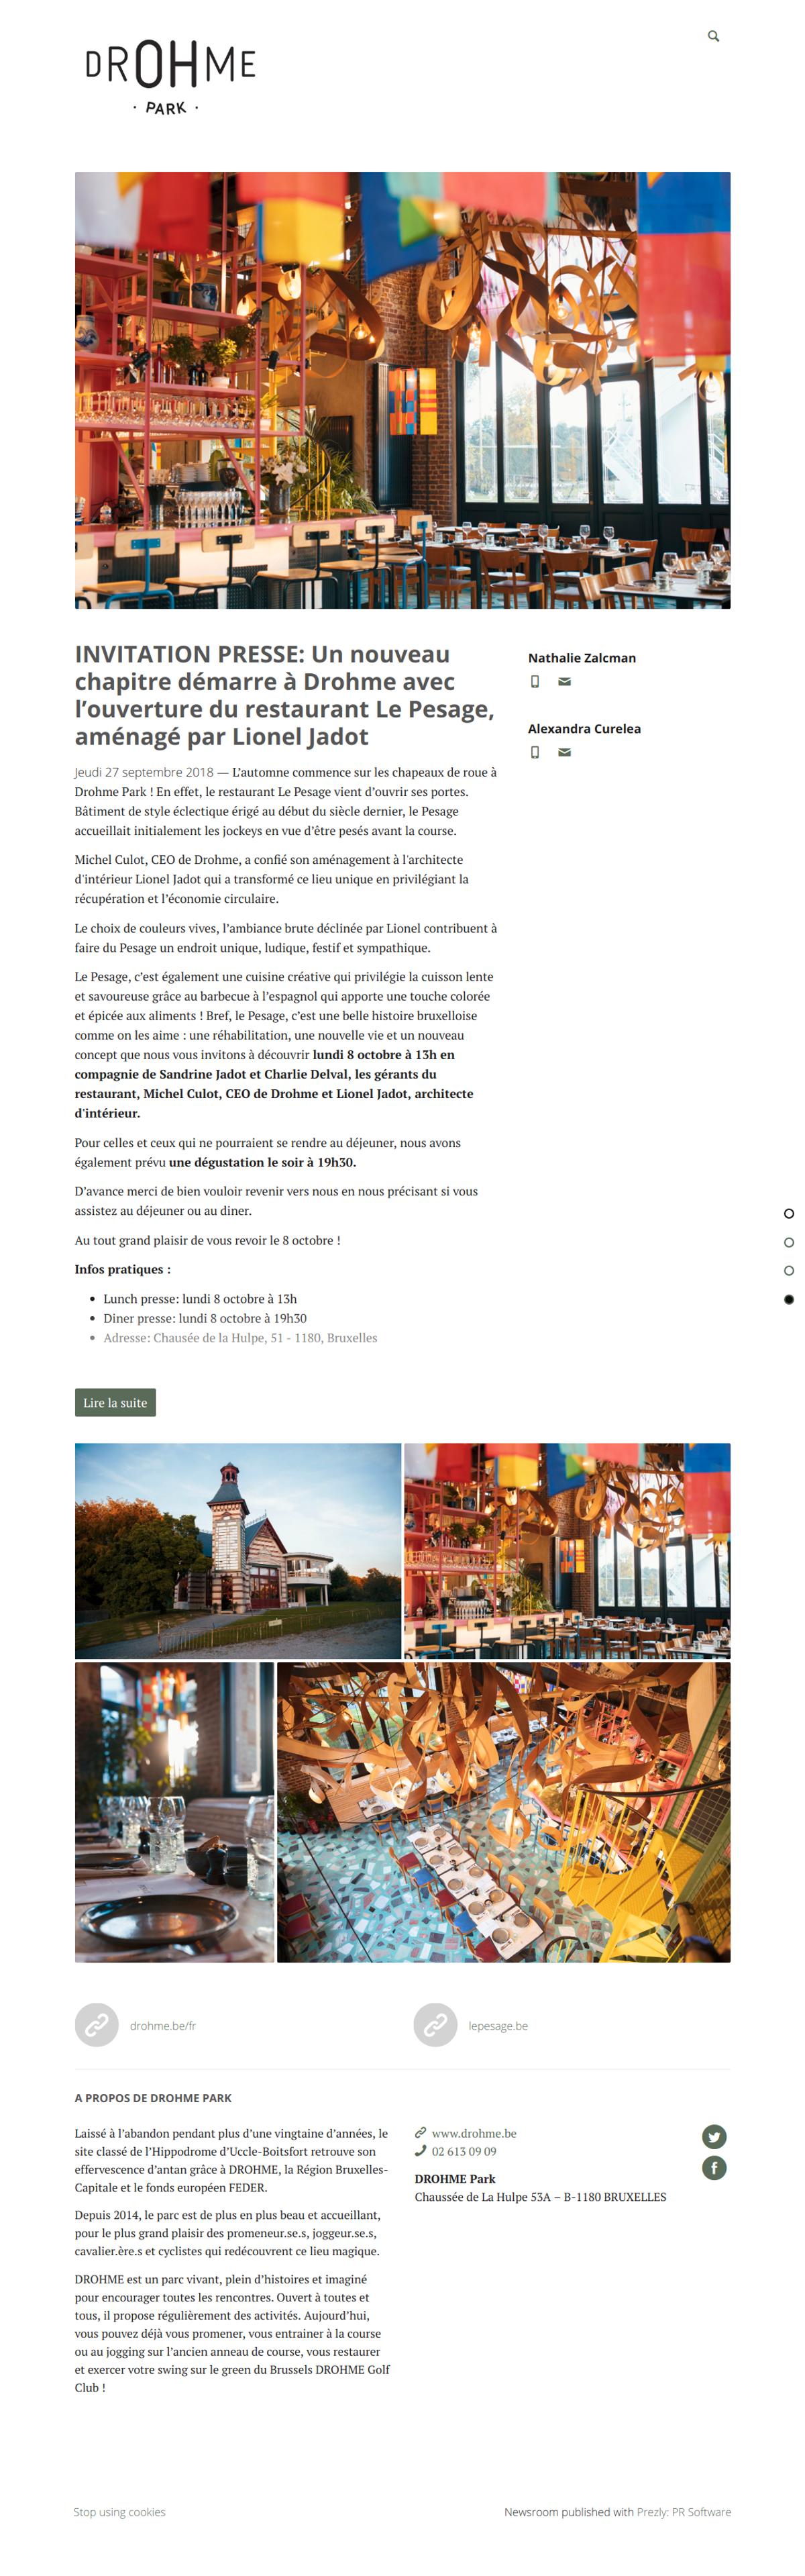 INVITATION PRESSE: Un nouveau chapitre démarre à Drohme avec l'ouverture du restaurant Le Pesage, aménagé par Lionel Jadot